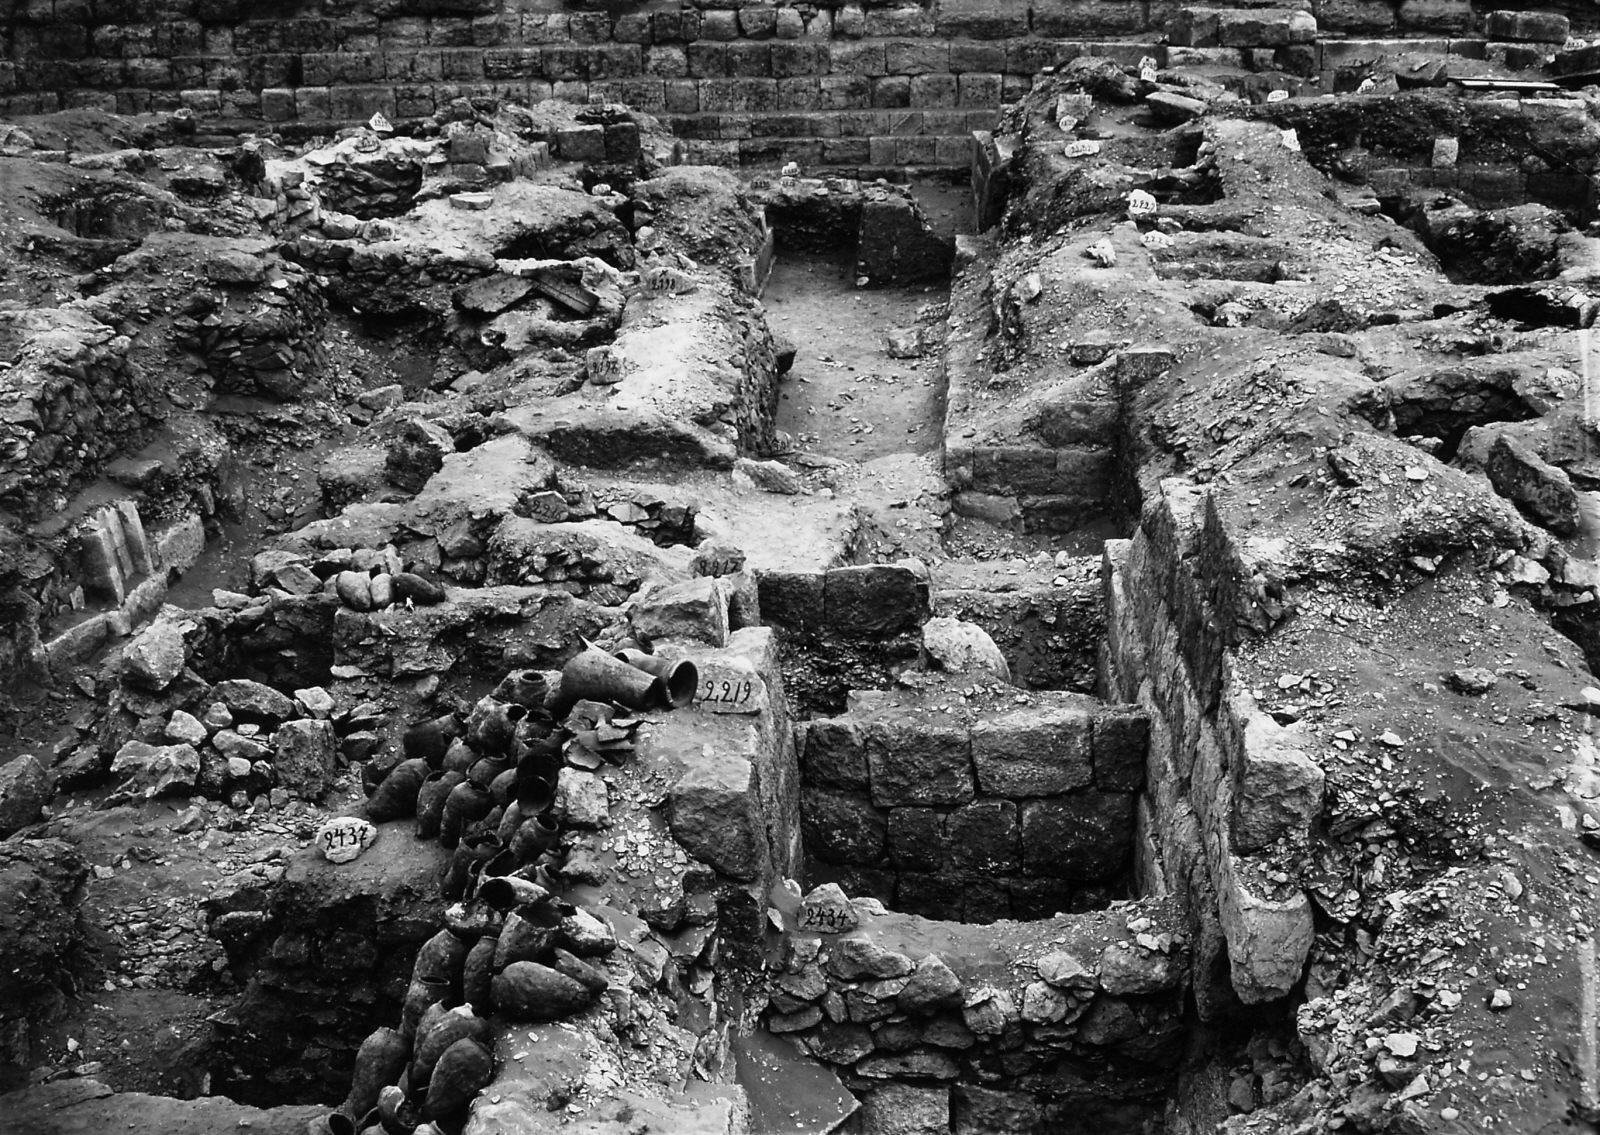 Western Cemetery: Site: Giza; View: S 2434, S 2219, S 2217, S 2430/2449, S 2221/2224, S 2228/2231, S 2437, S 2216, S 2191/2199, Sensen